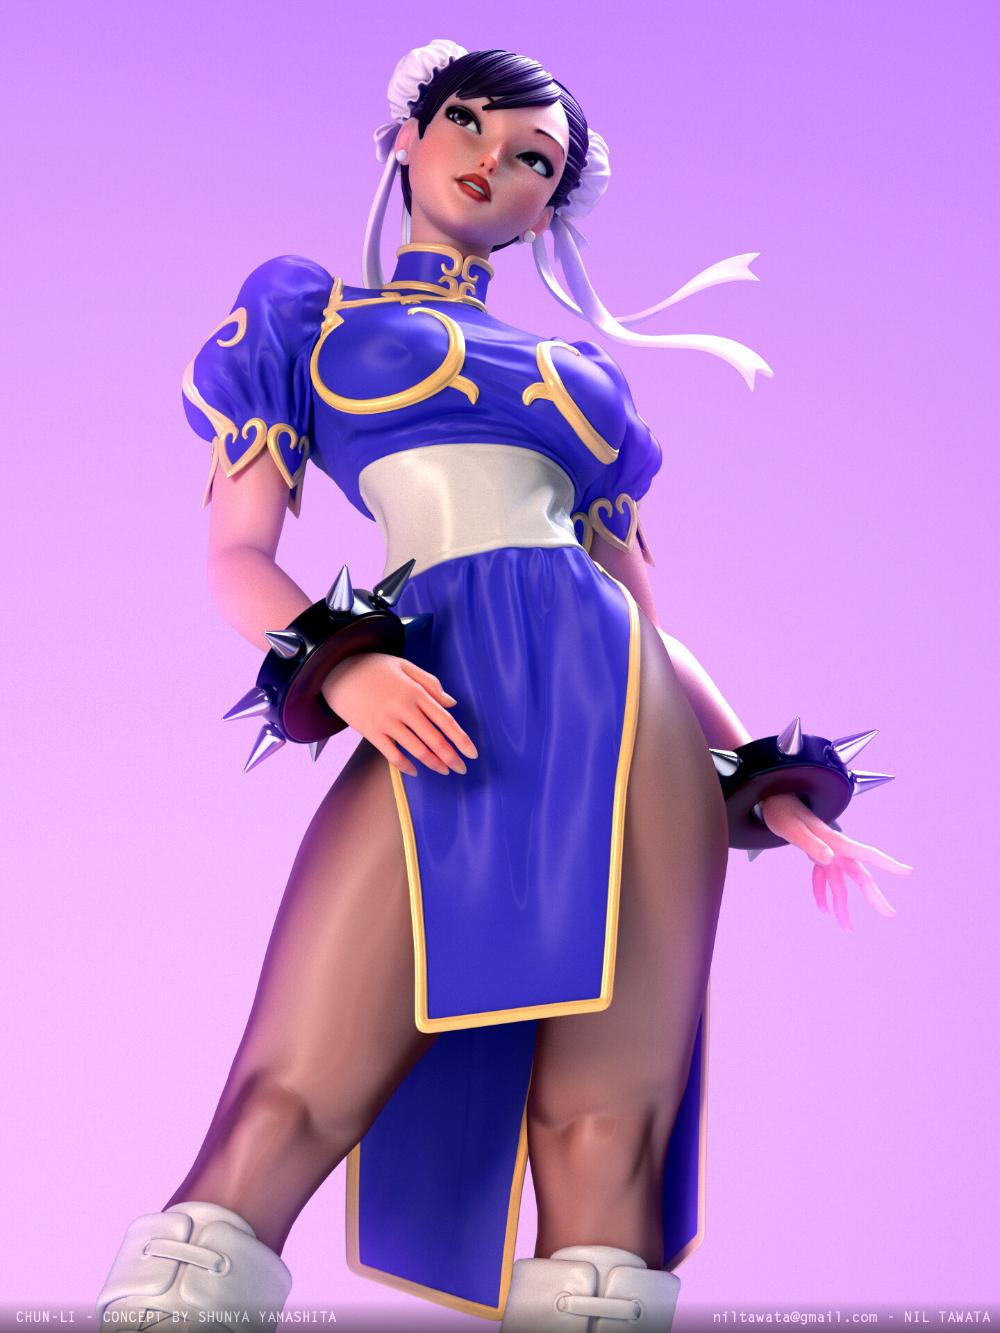 Artstation Chun Li Nil Tawata Street Fighter Characters Chun Li Street Fighter Fighter Girl